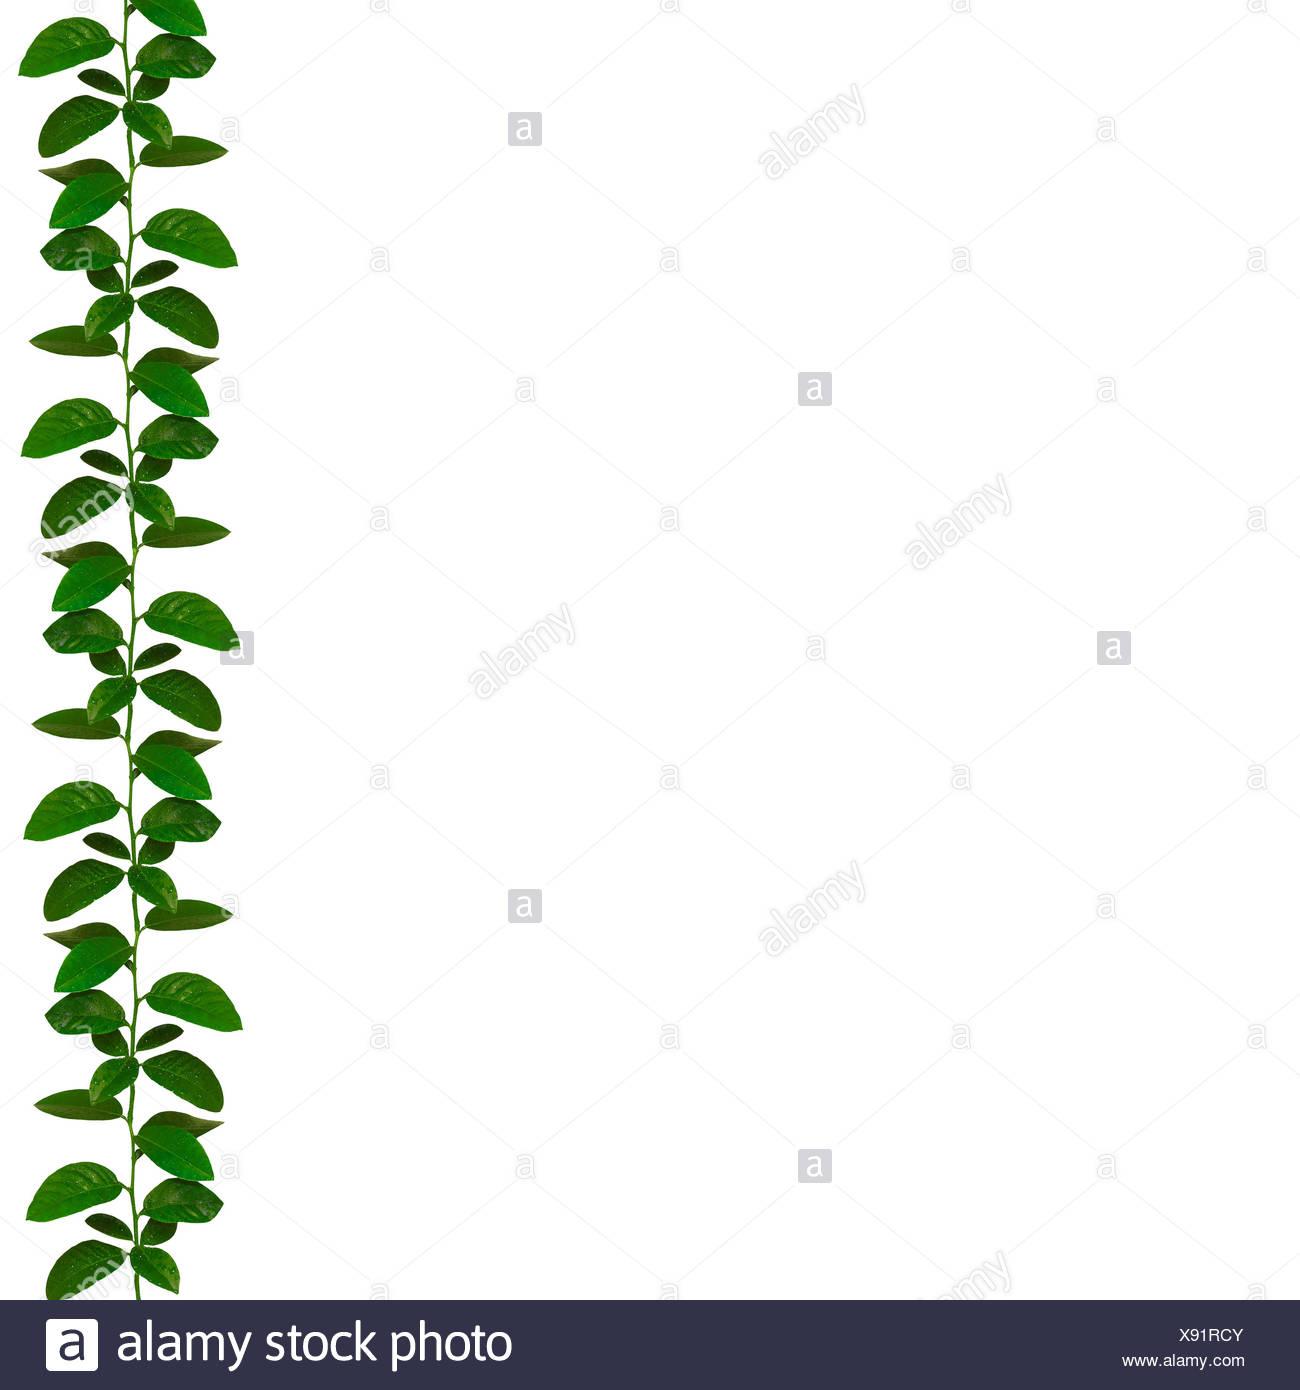 wonderful natural green ribbon - similar images available - Stock Image